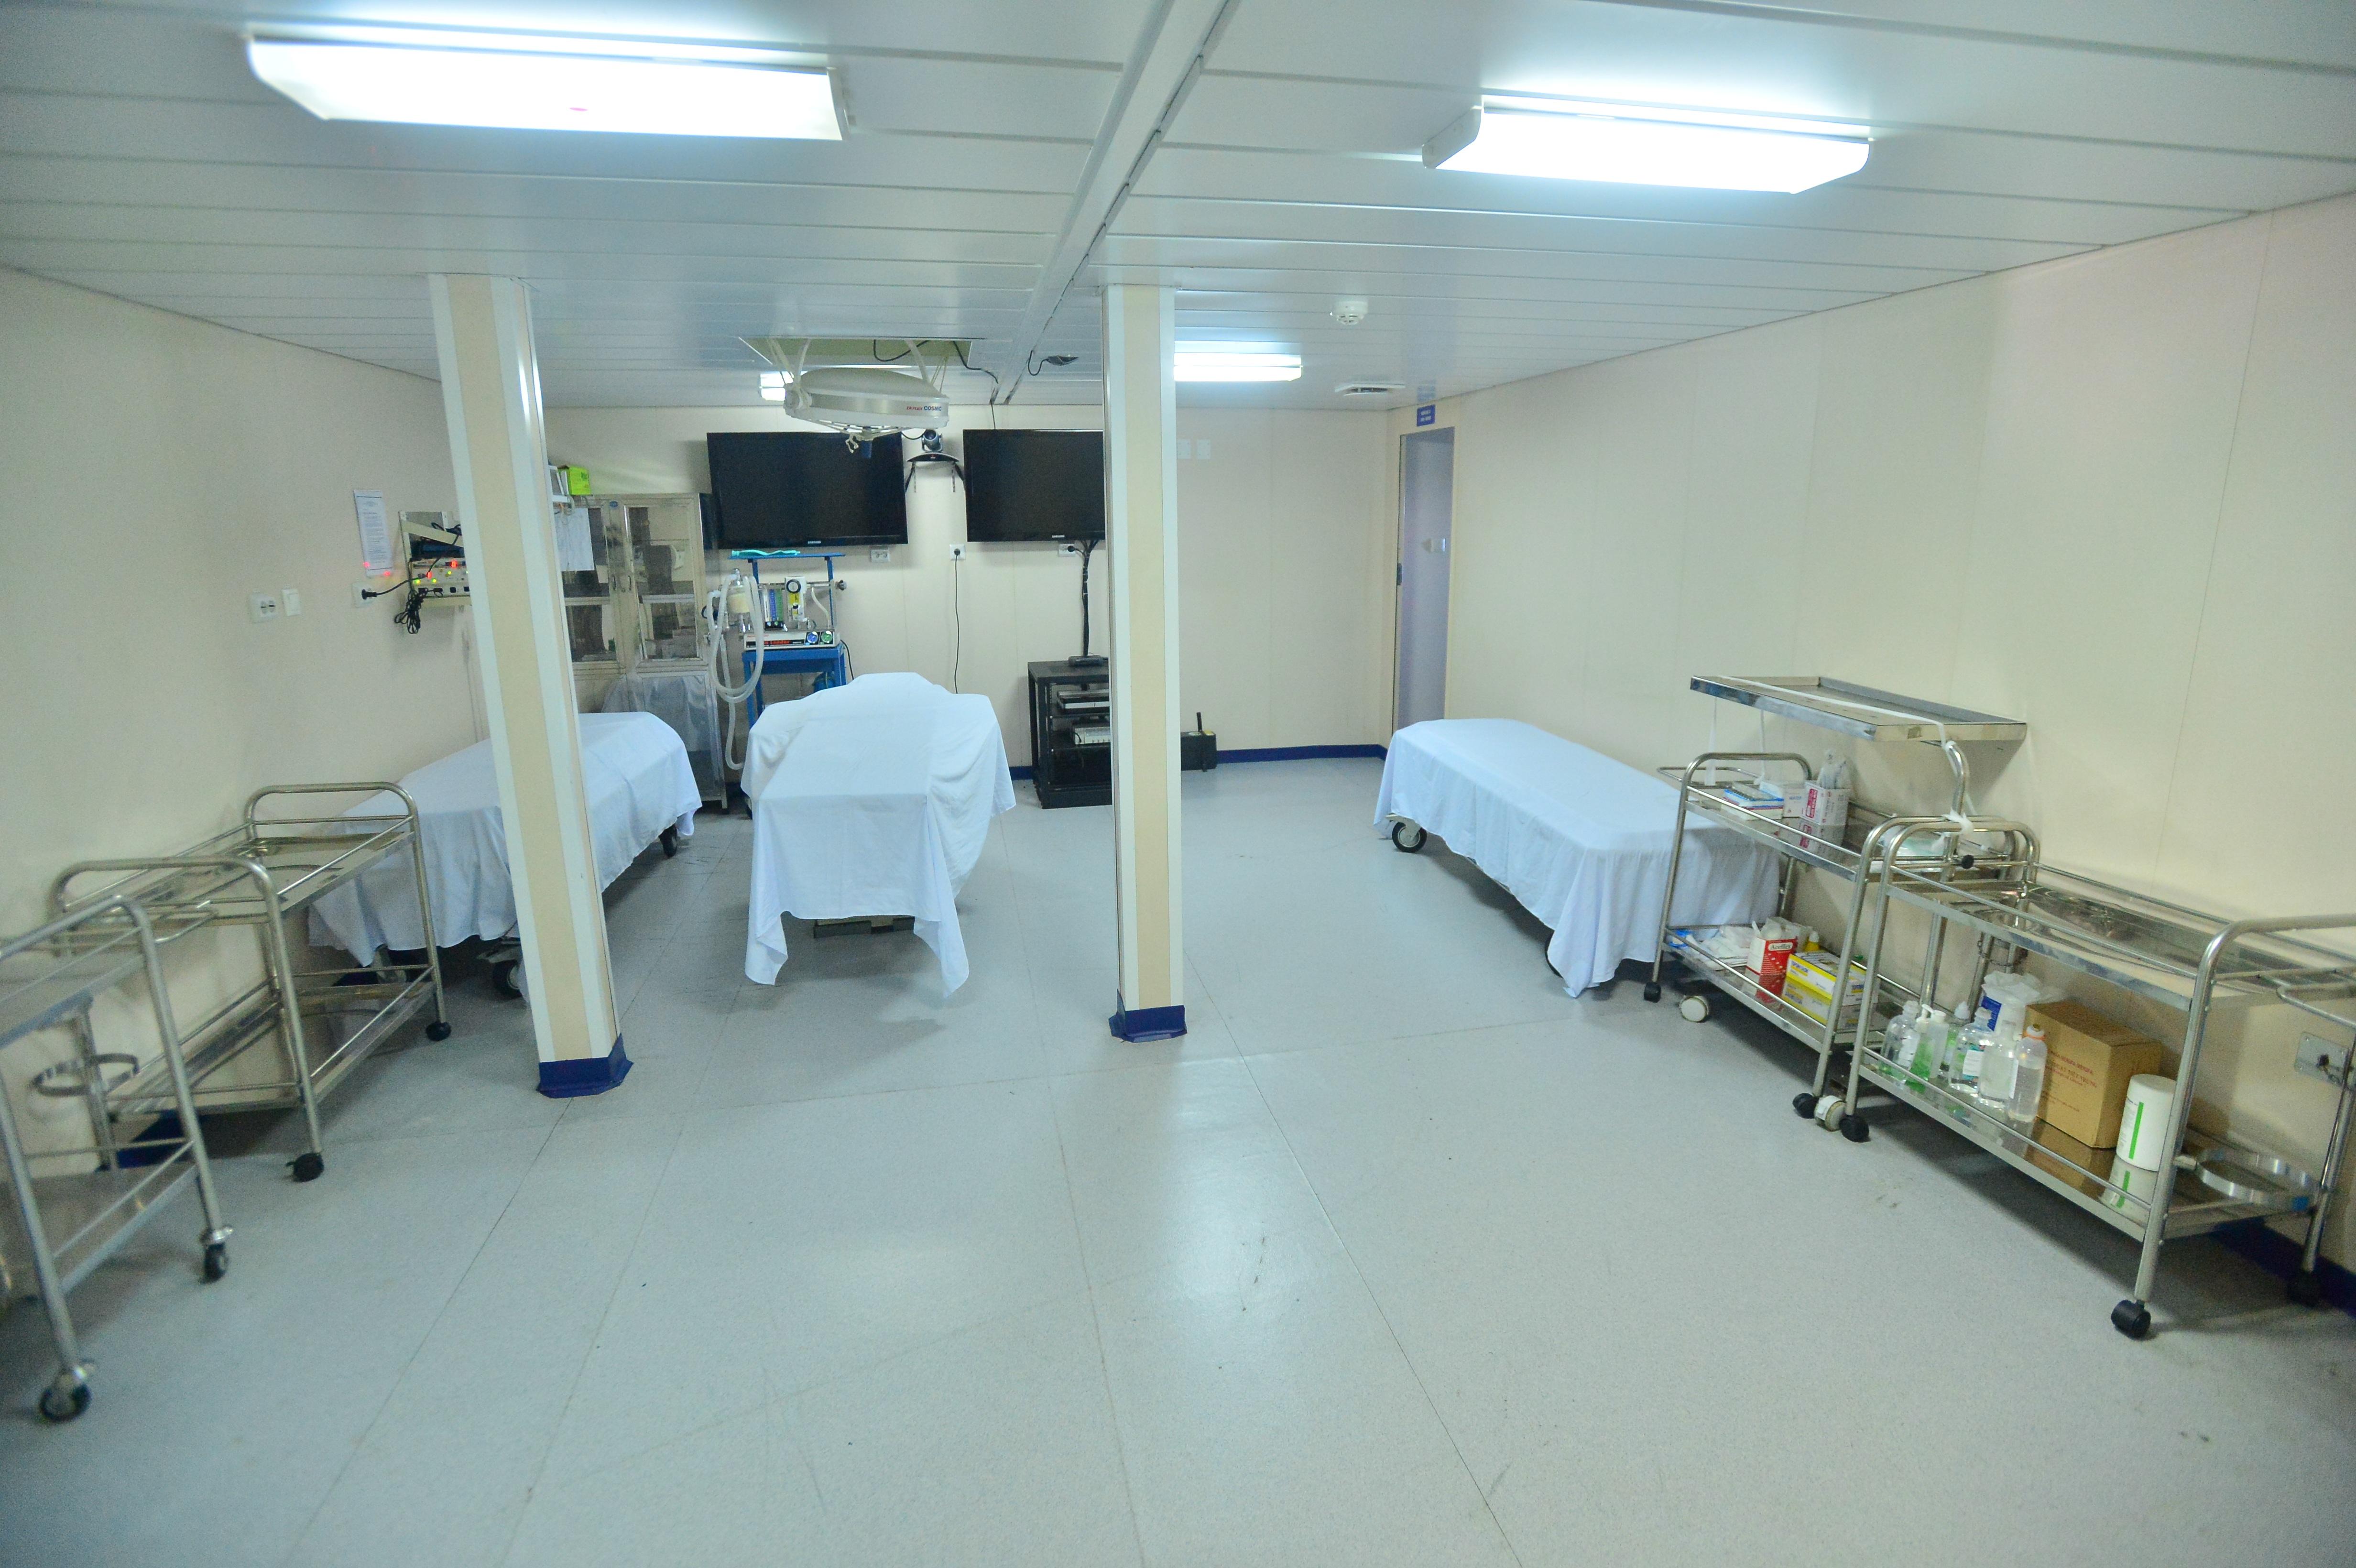 Tàu quân y 561 - Bệnh viện di động hiện đại của Hải quân Việt Nam - 16